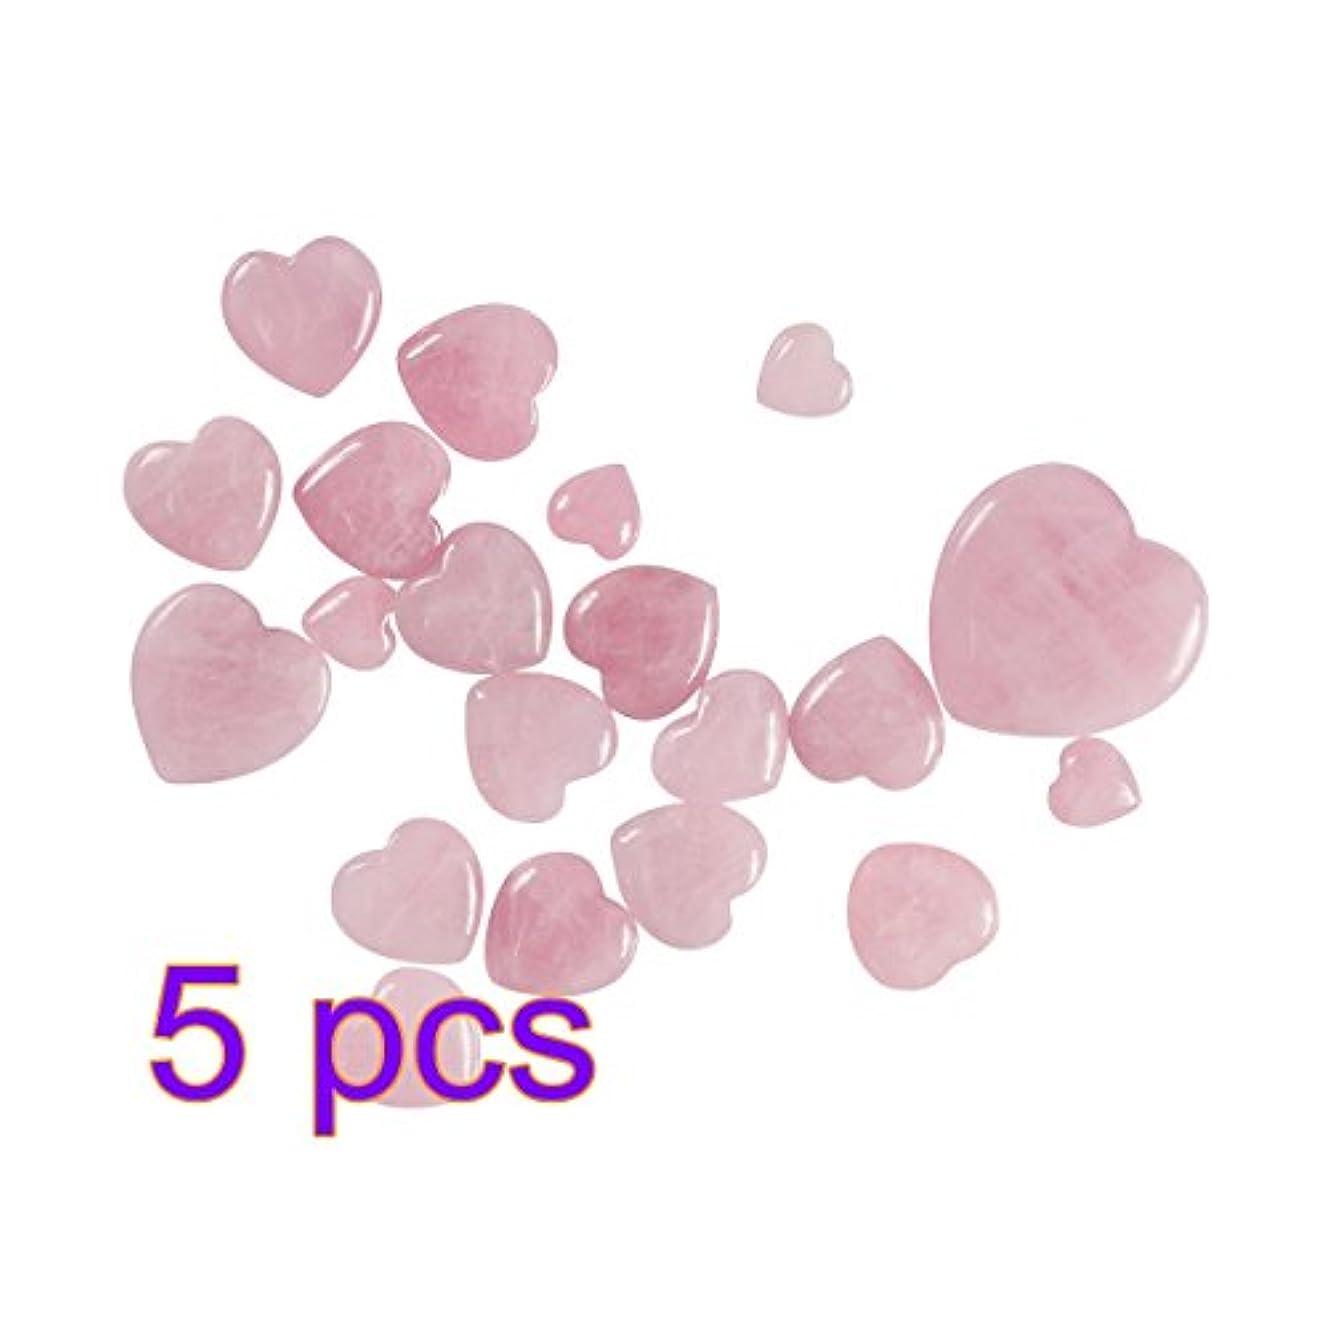 東ティモールシンジケート愛情深いWINOMO 5本のヒーリングクリスタルナチュラルローズクォーツパフィーハートシェイプパームストーンクリスタルヒーリング宝石のホームインテリア15x15x10mm